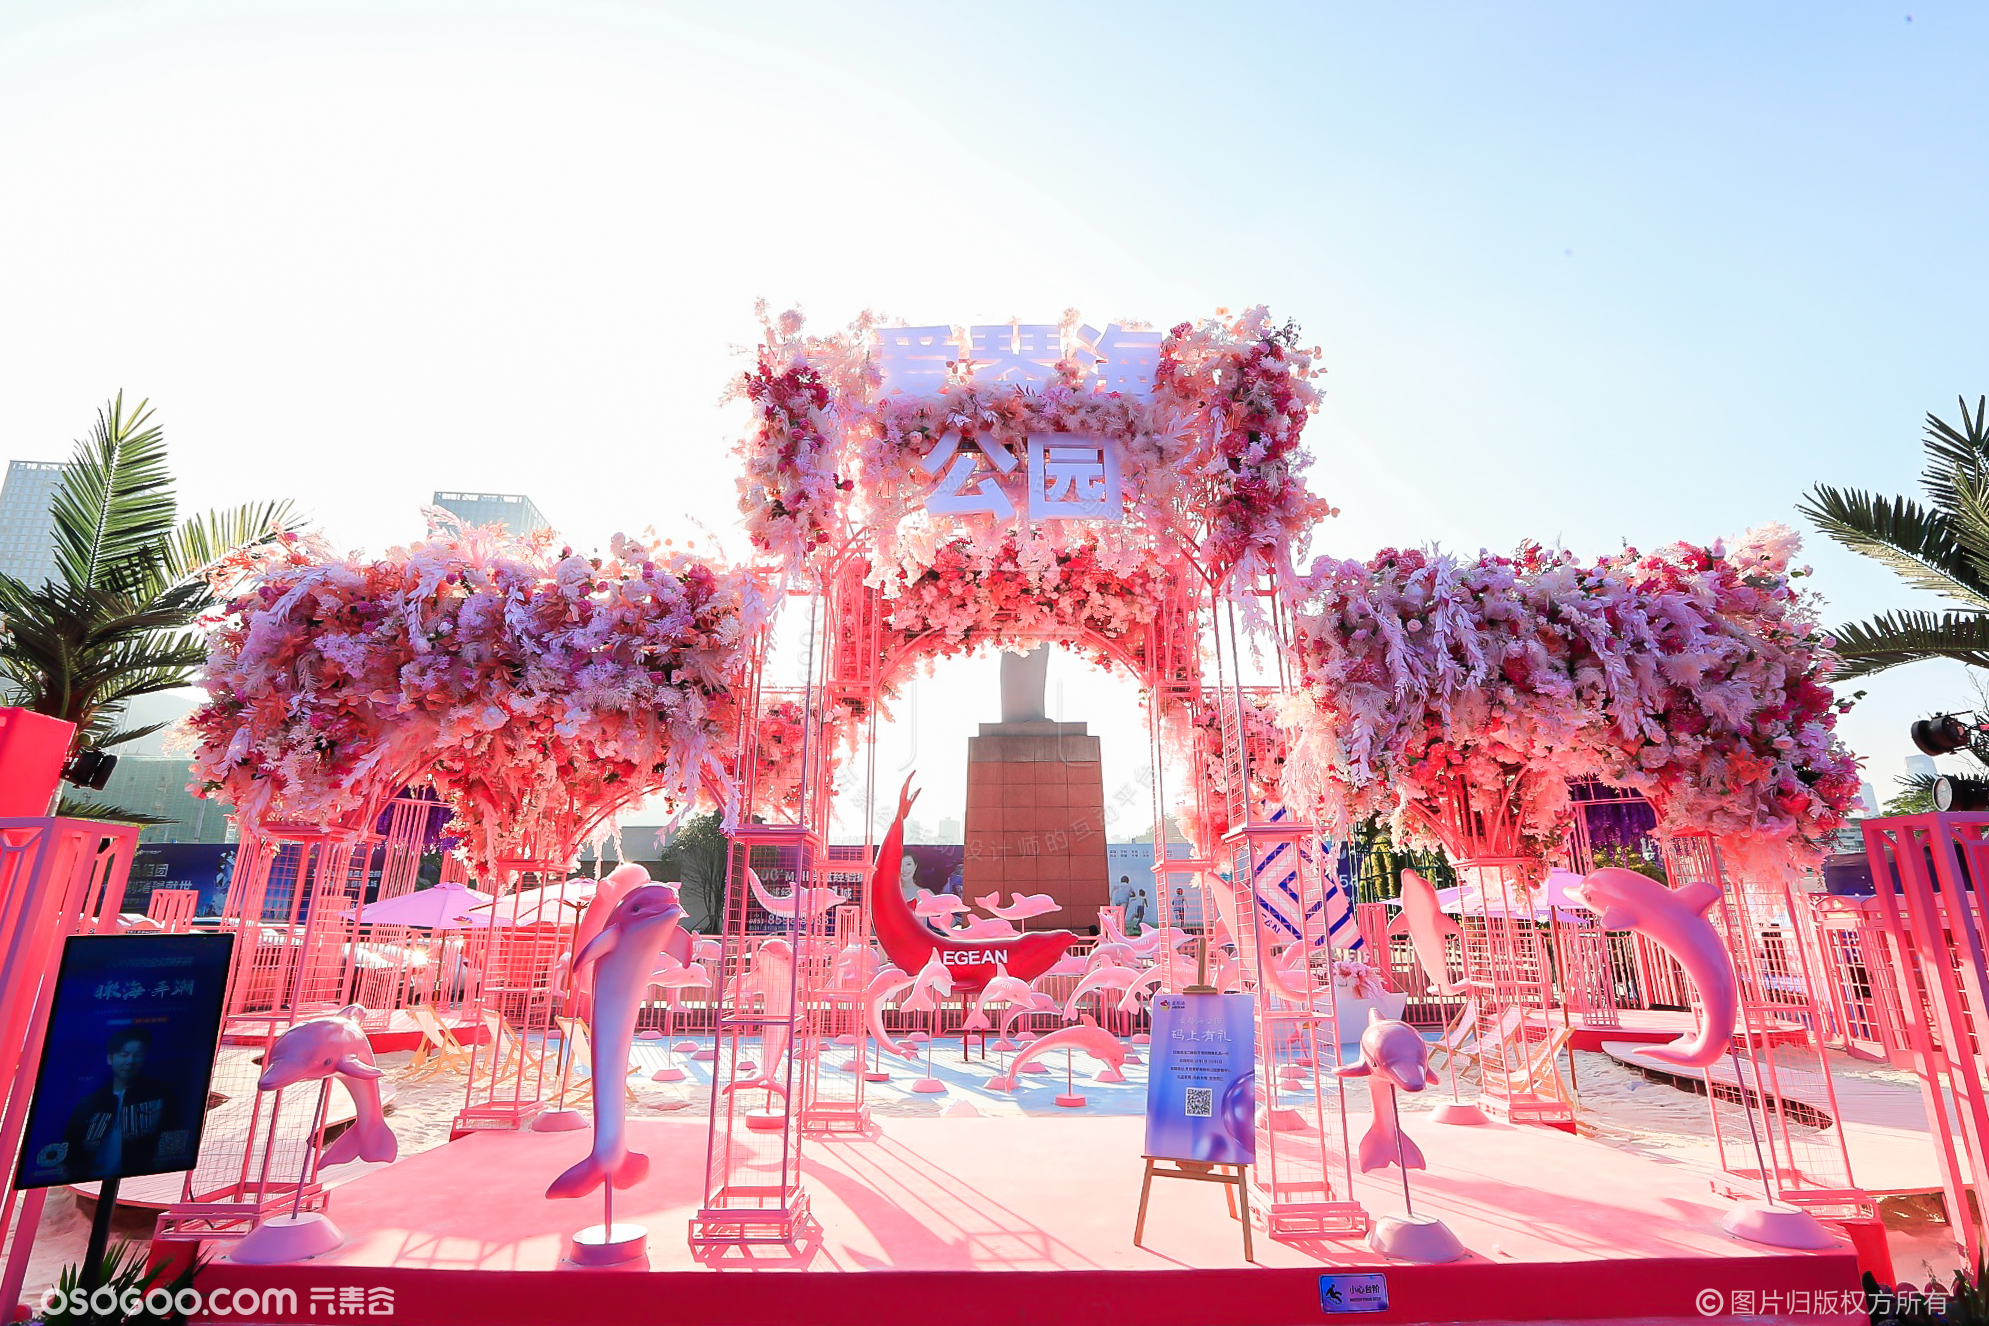 世纪樱花×爱琴海集团联合打造的治愈花园美学展